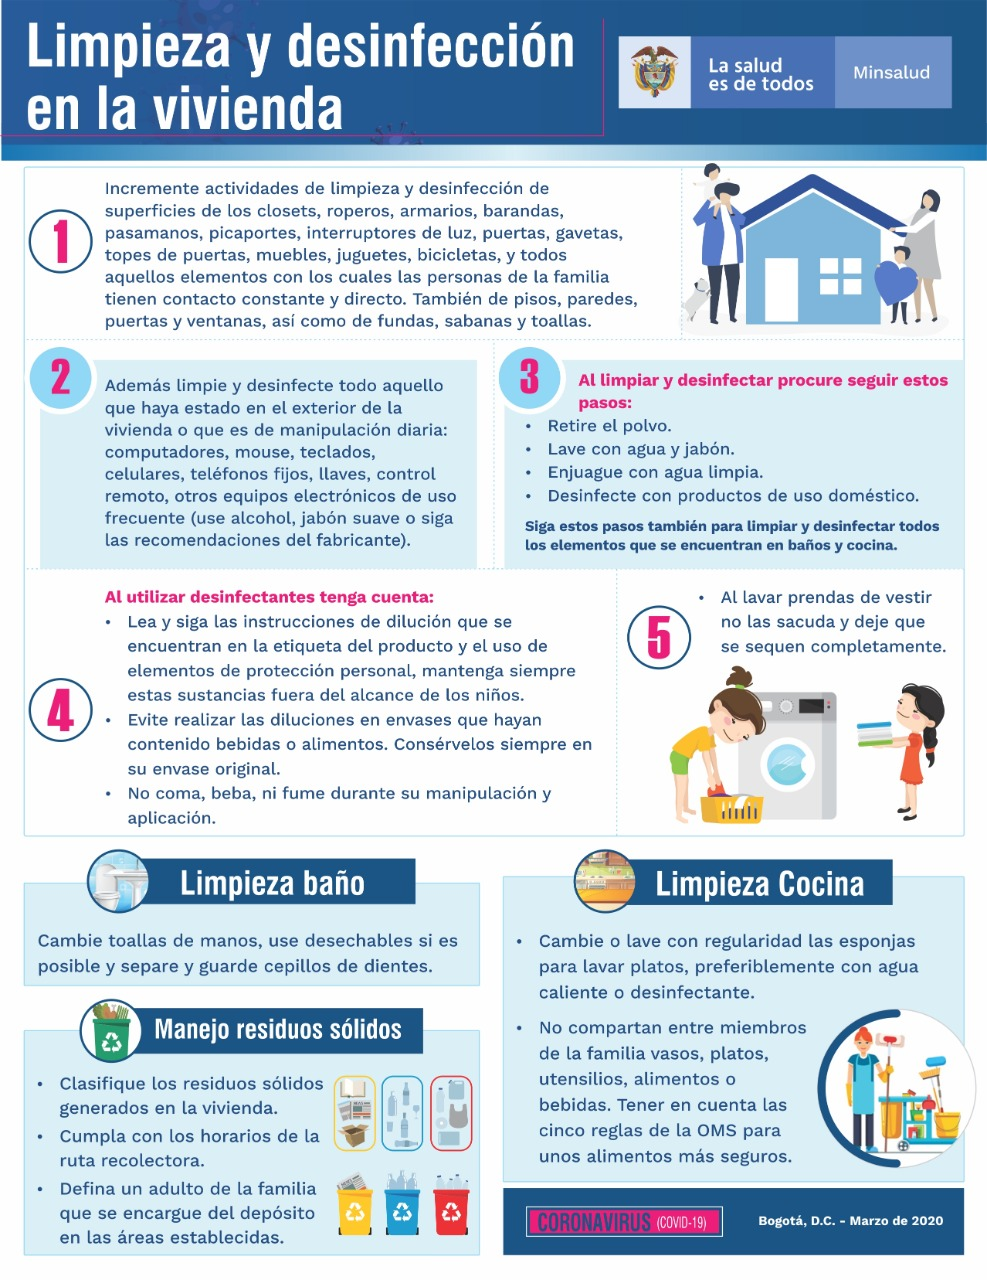 Limpieza y desinfección en la vivienda